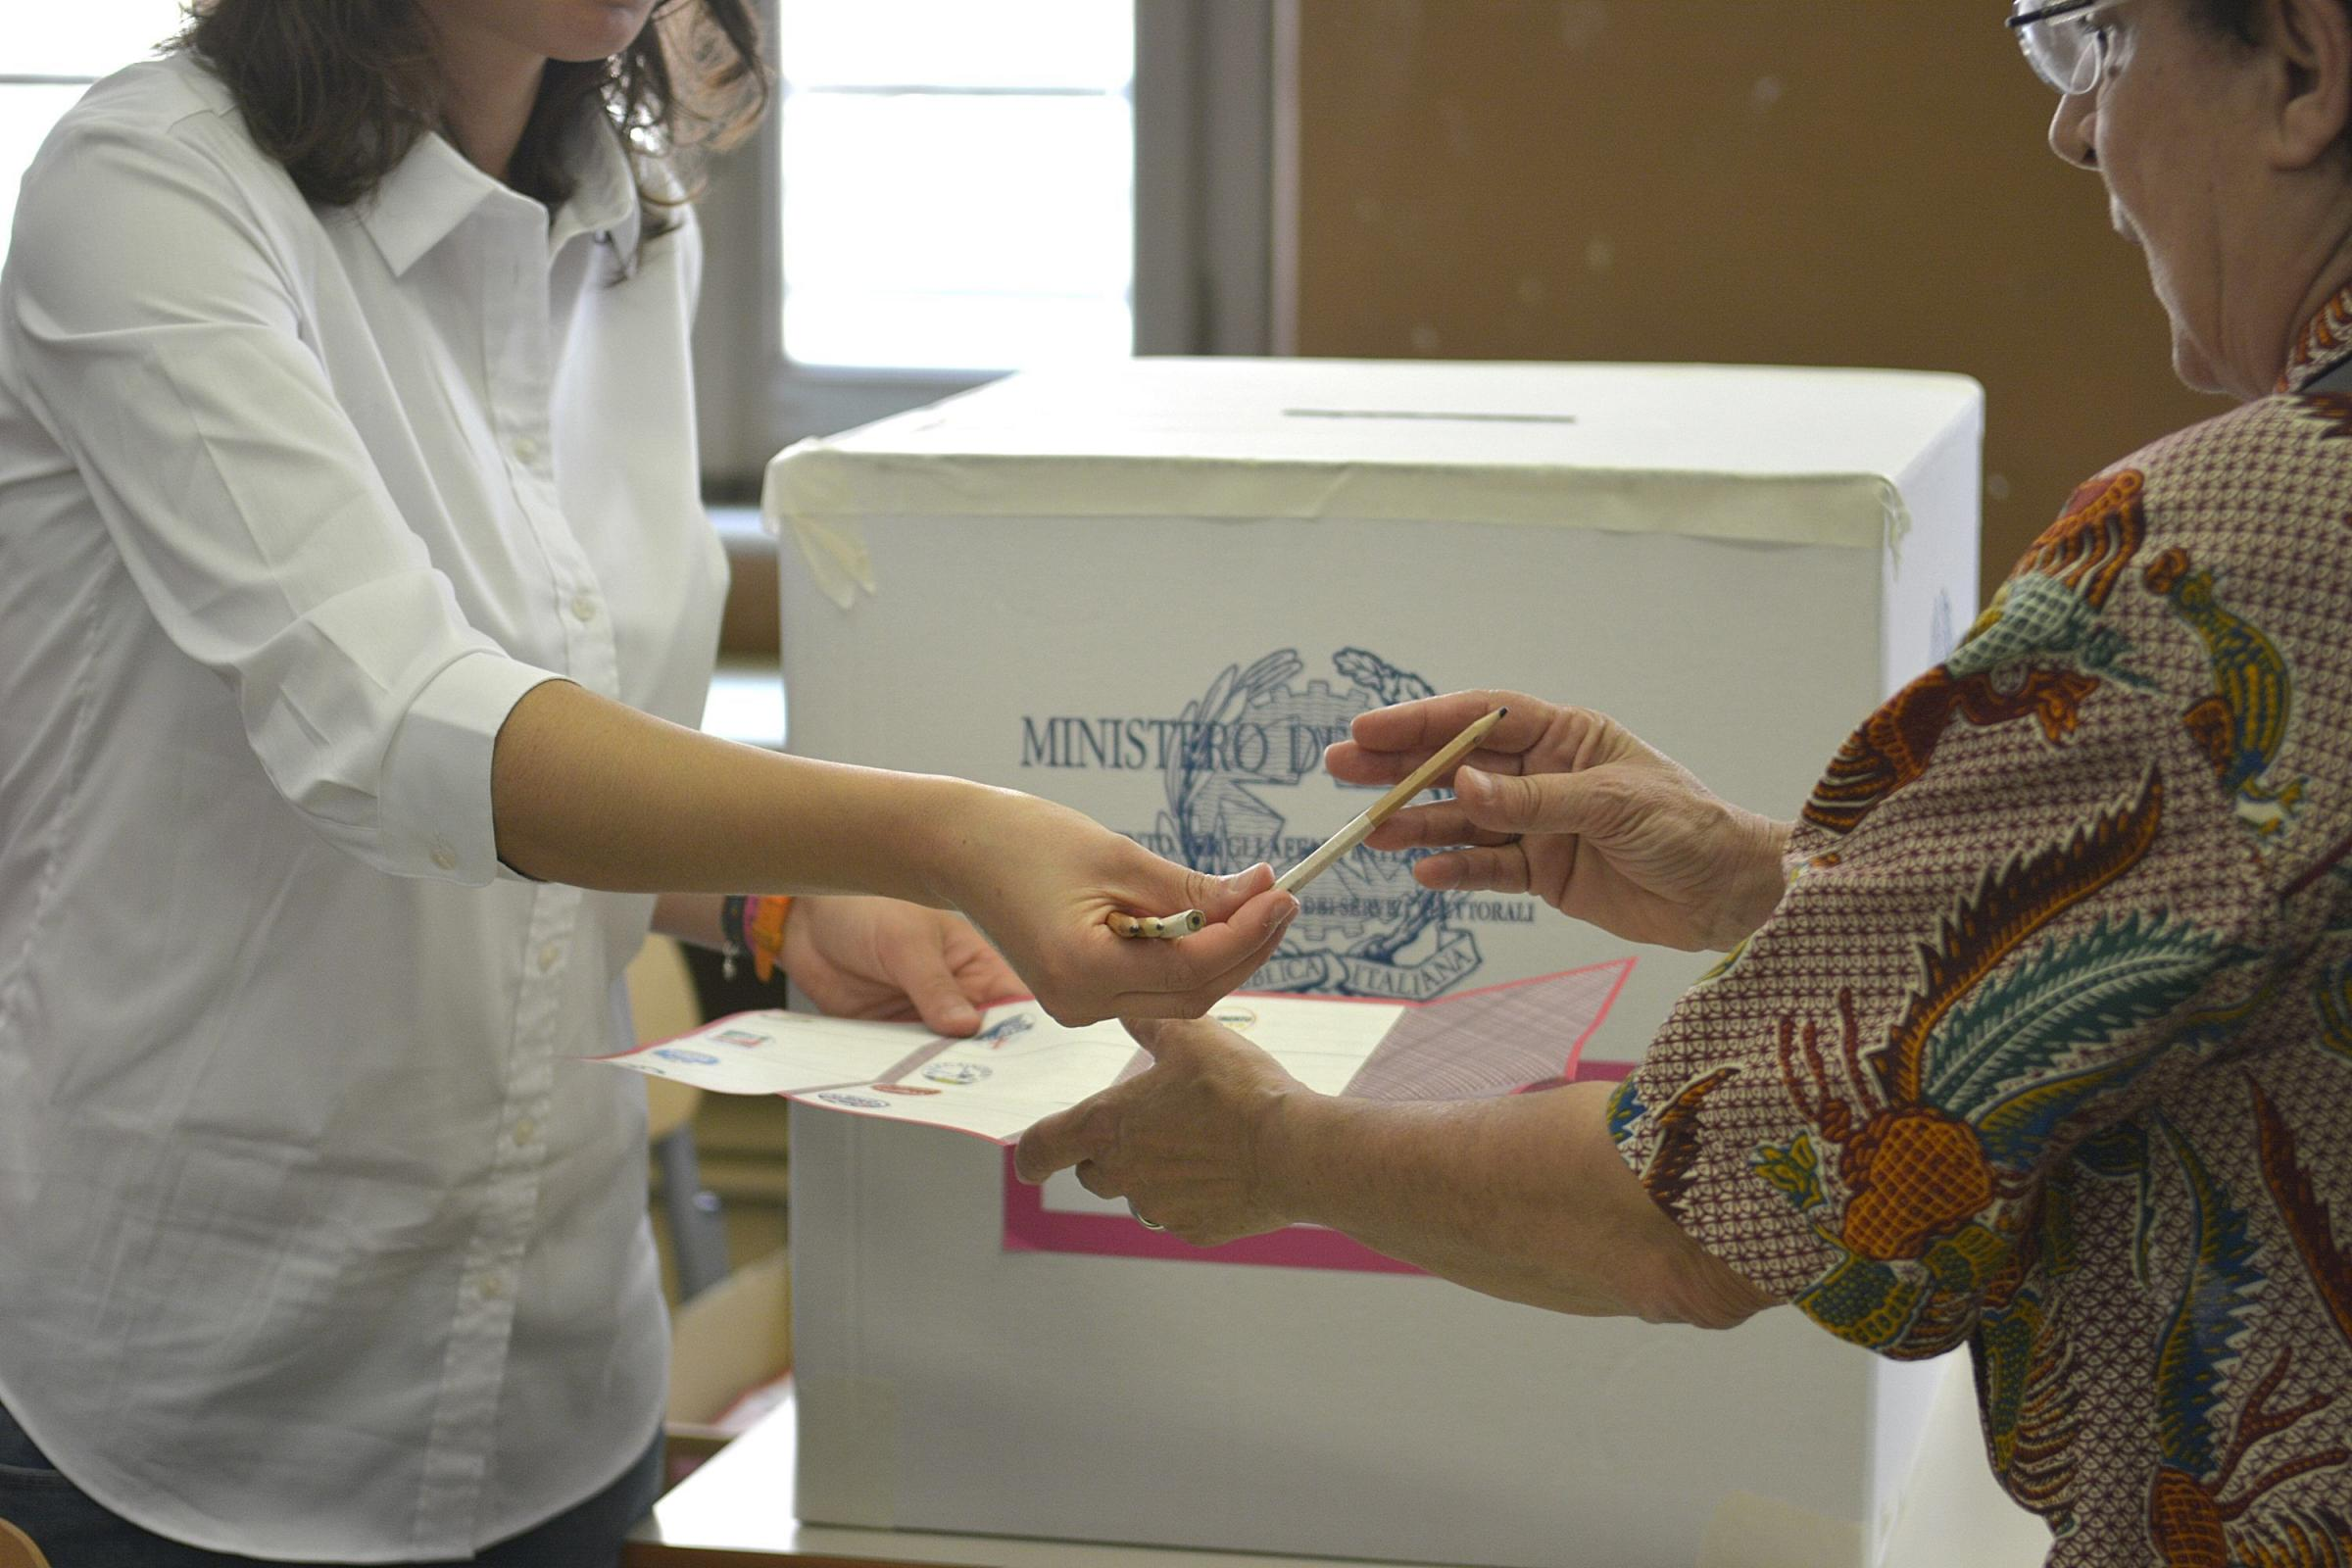 Consegna della scheda elettorale